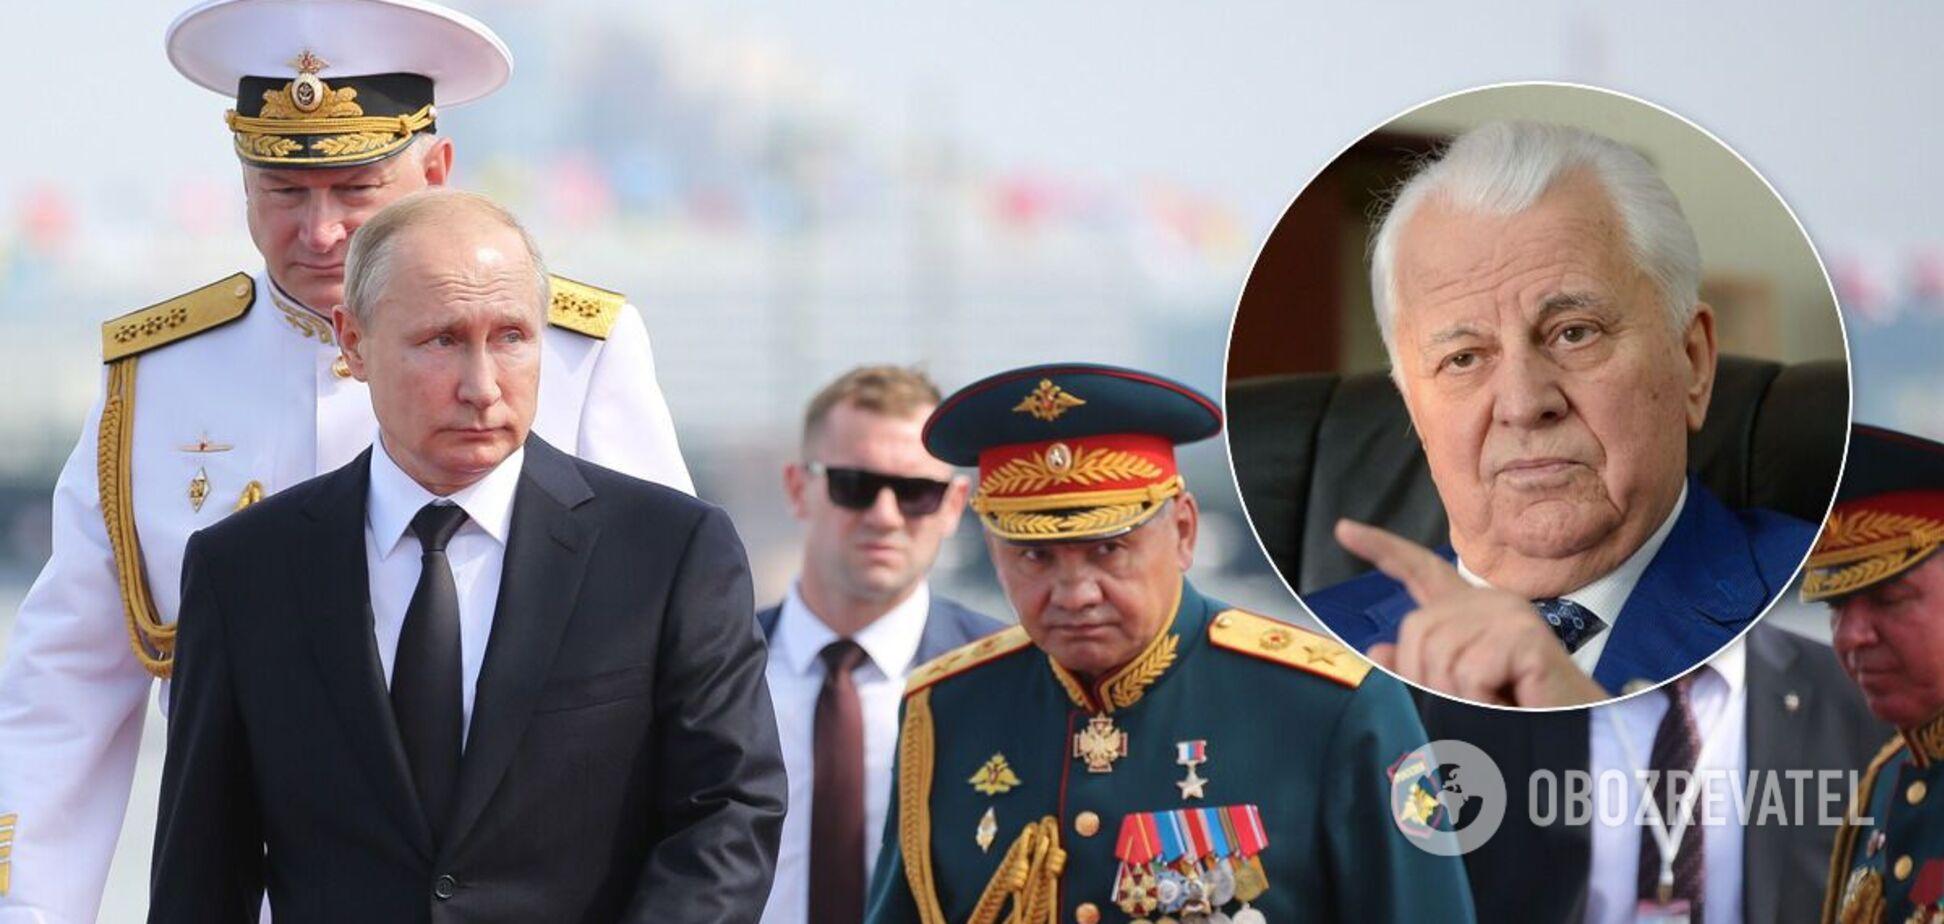 Казанский заявил, что позиция Кравчука в ТКГ бесит Кремль